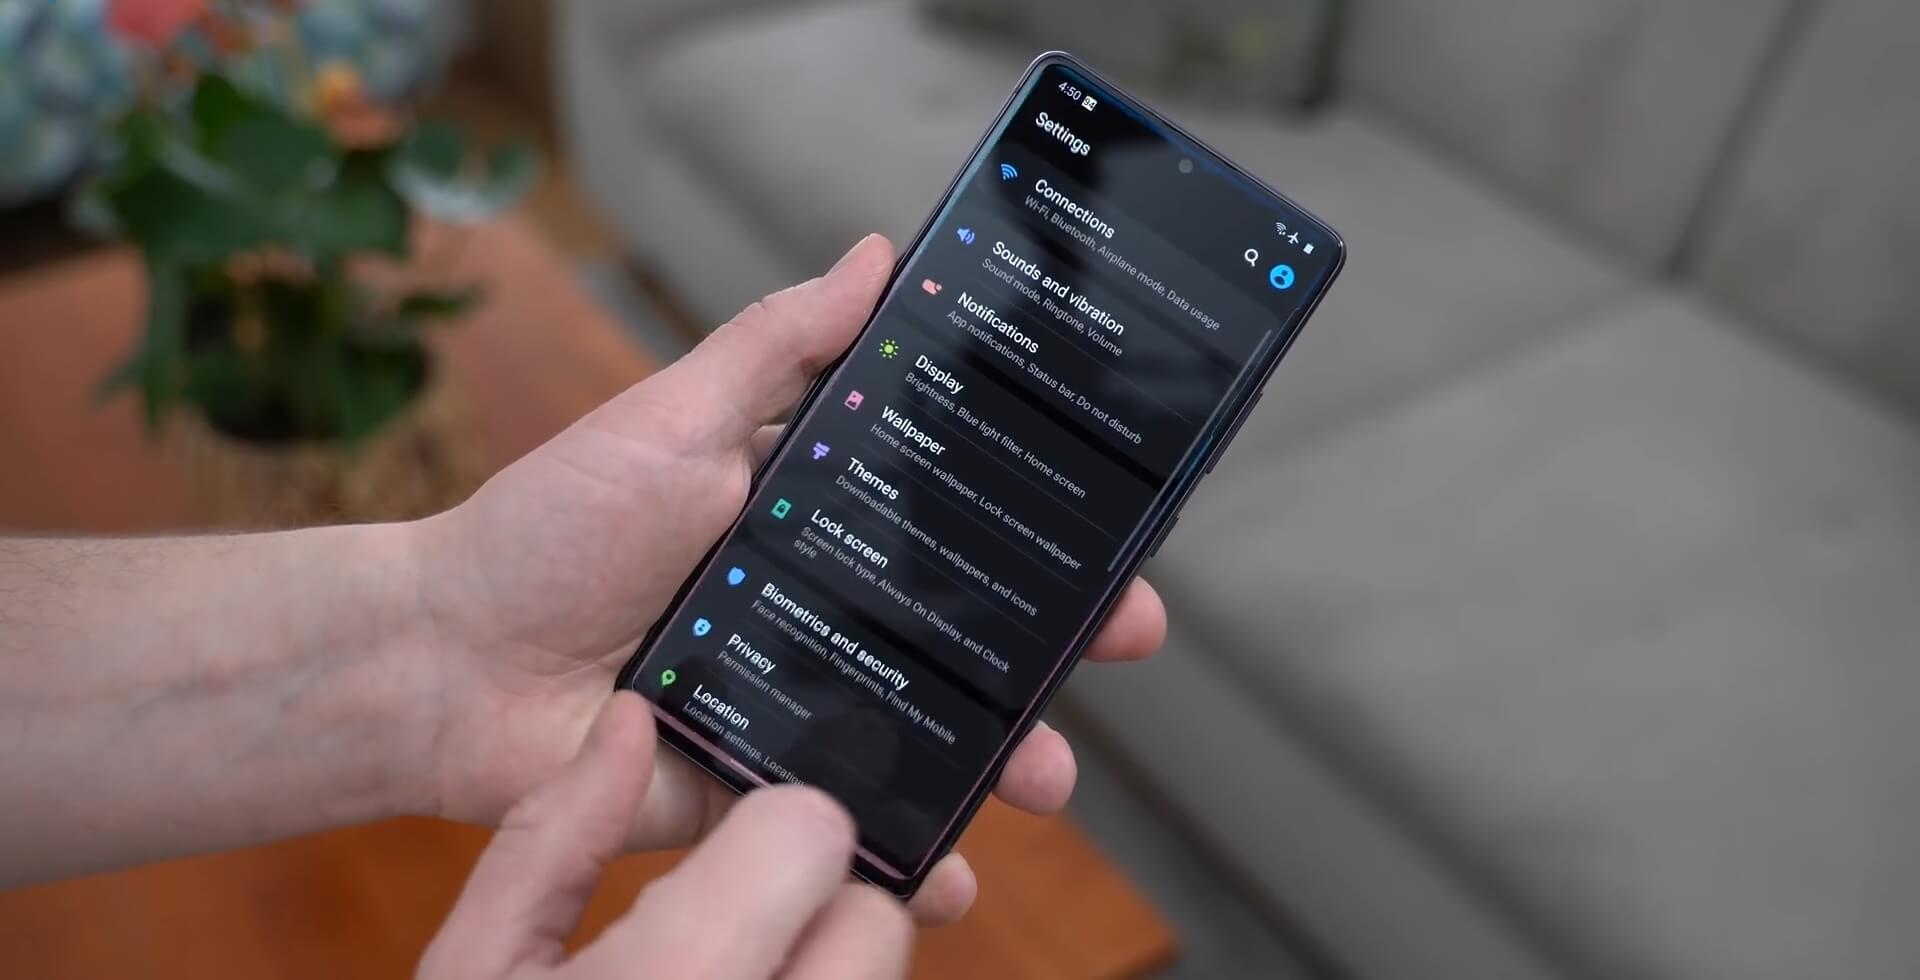 Samsung Galaxy S10 Lite Обзор: Упрощенный флагман с большим экраном